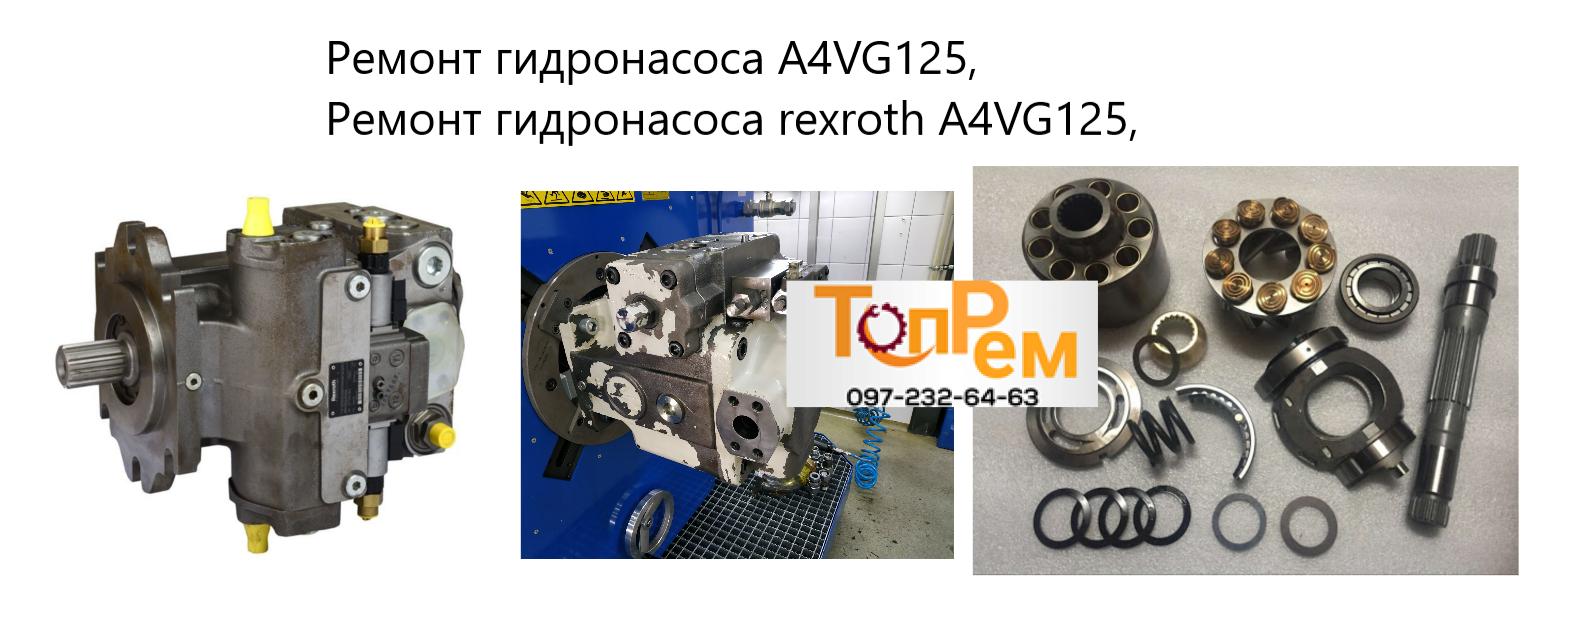 Ремонт гидронасоса A4VG125